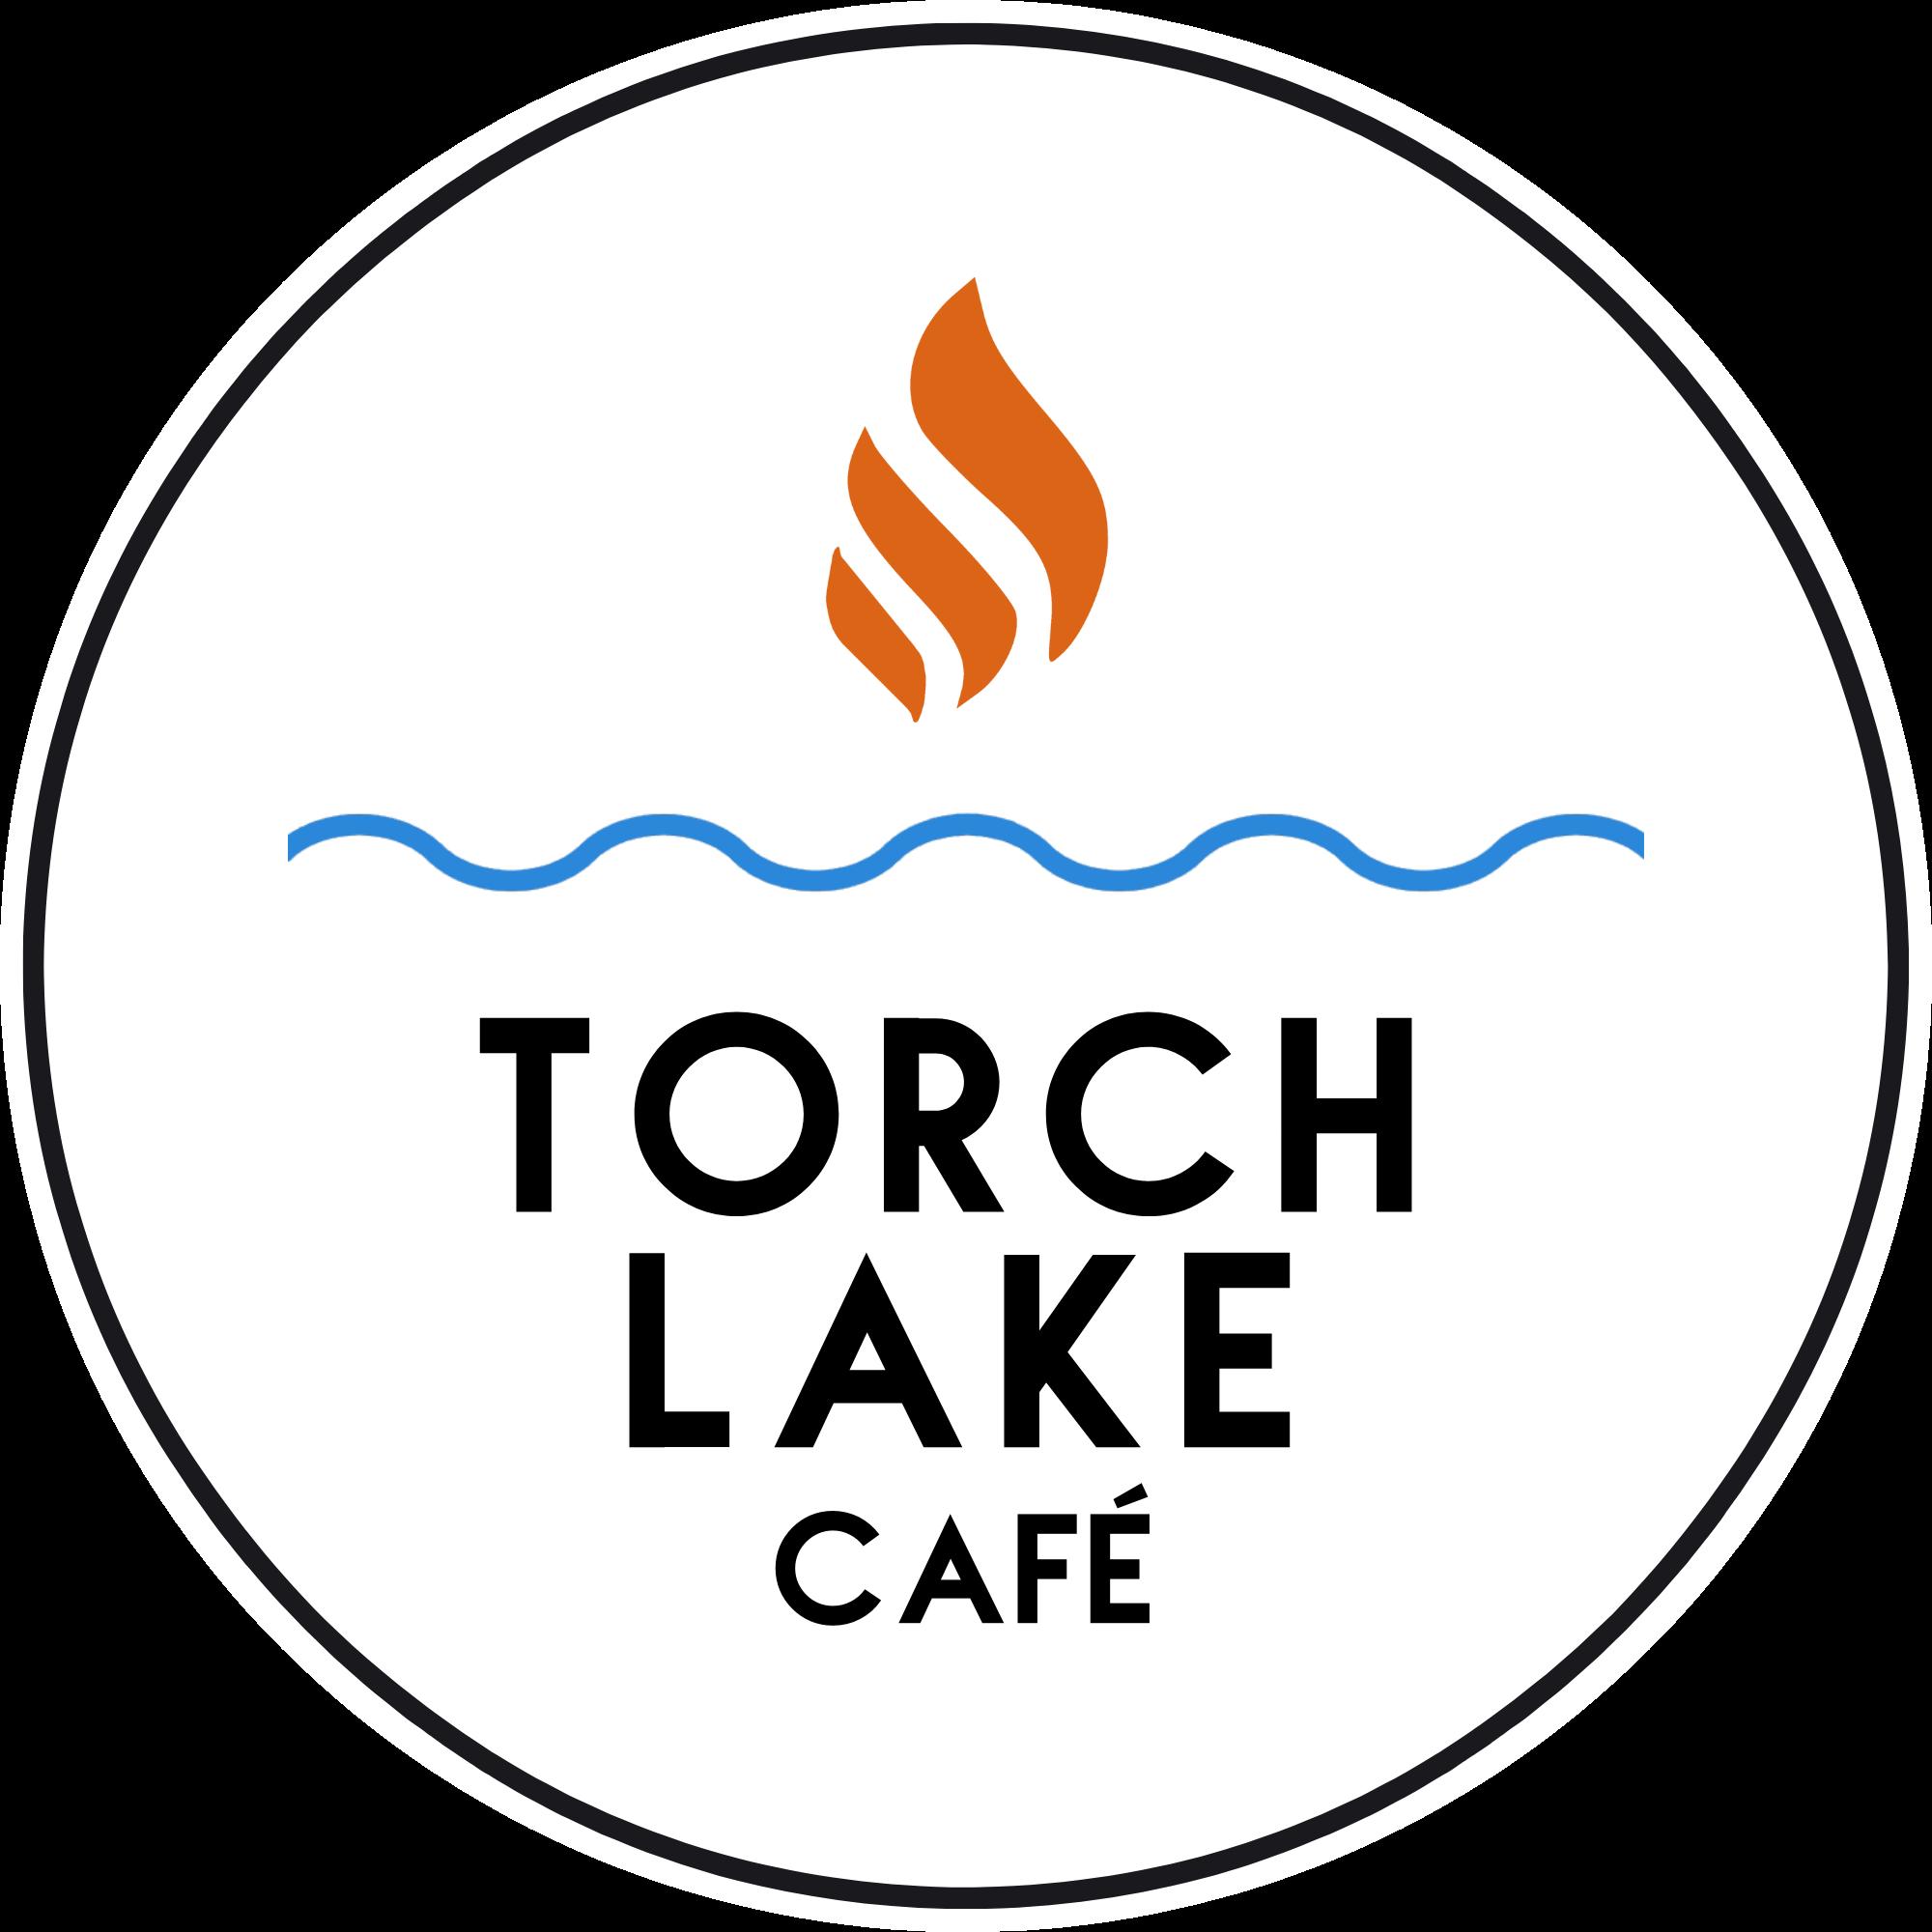 Torch Lake Cafe